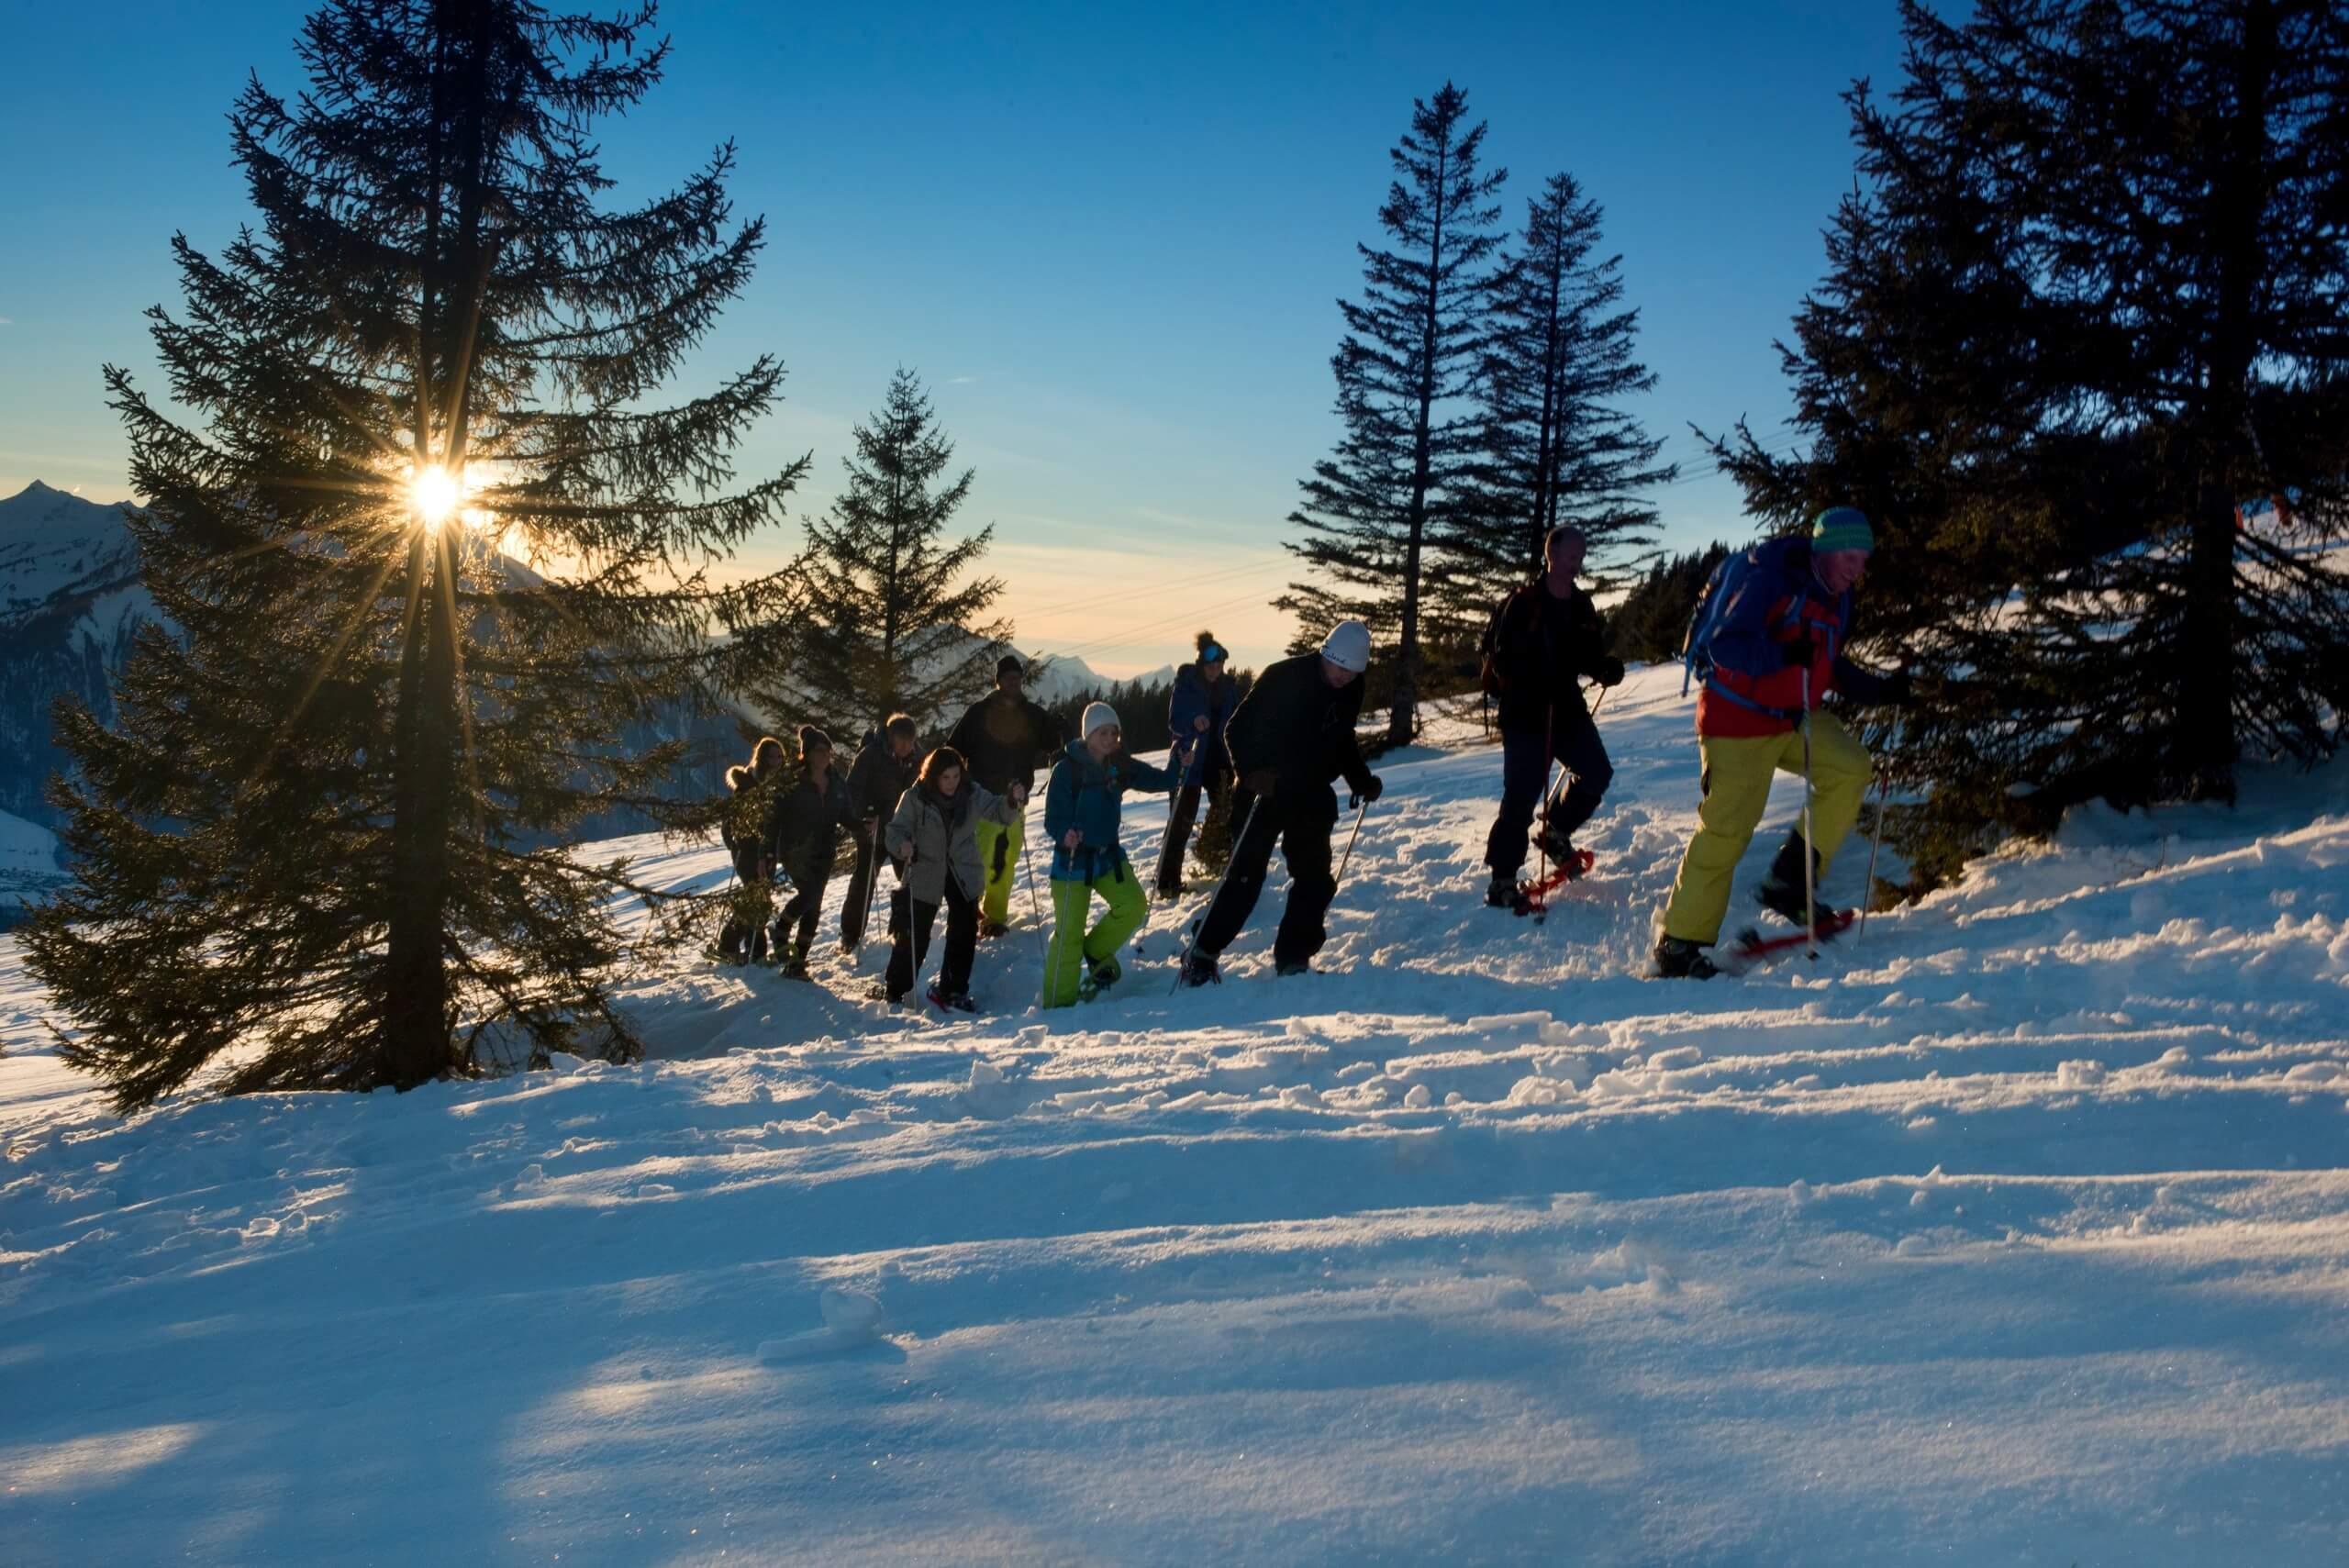 niederhorn-schneeschuhlaufen-winter-abendstimmung-tour-sonnenuntergang